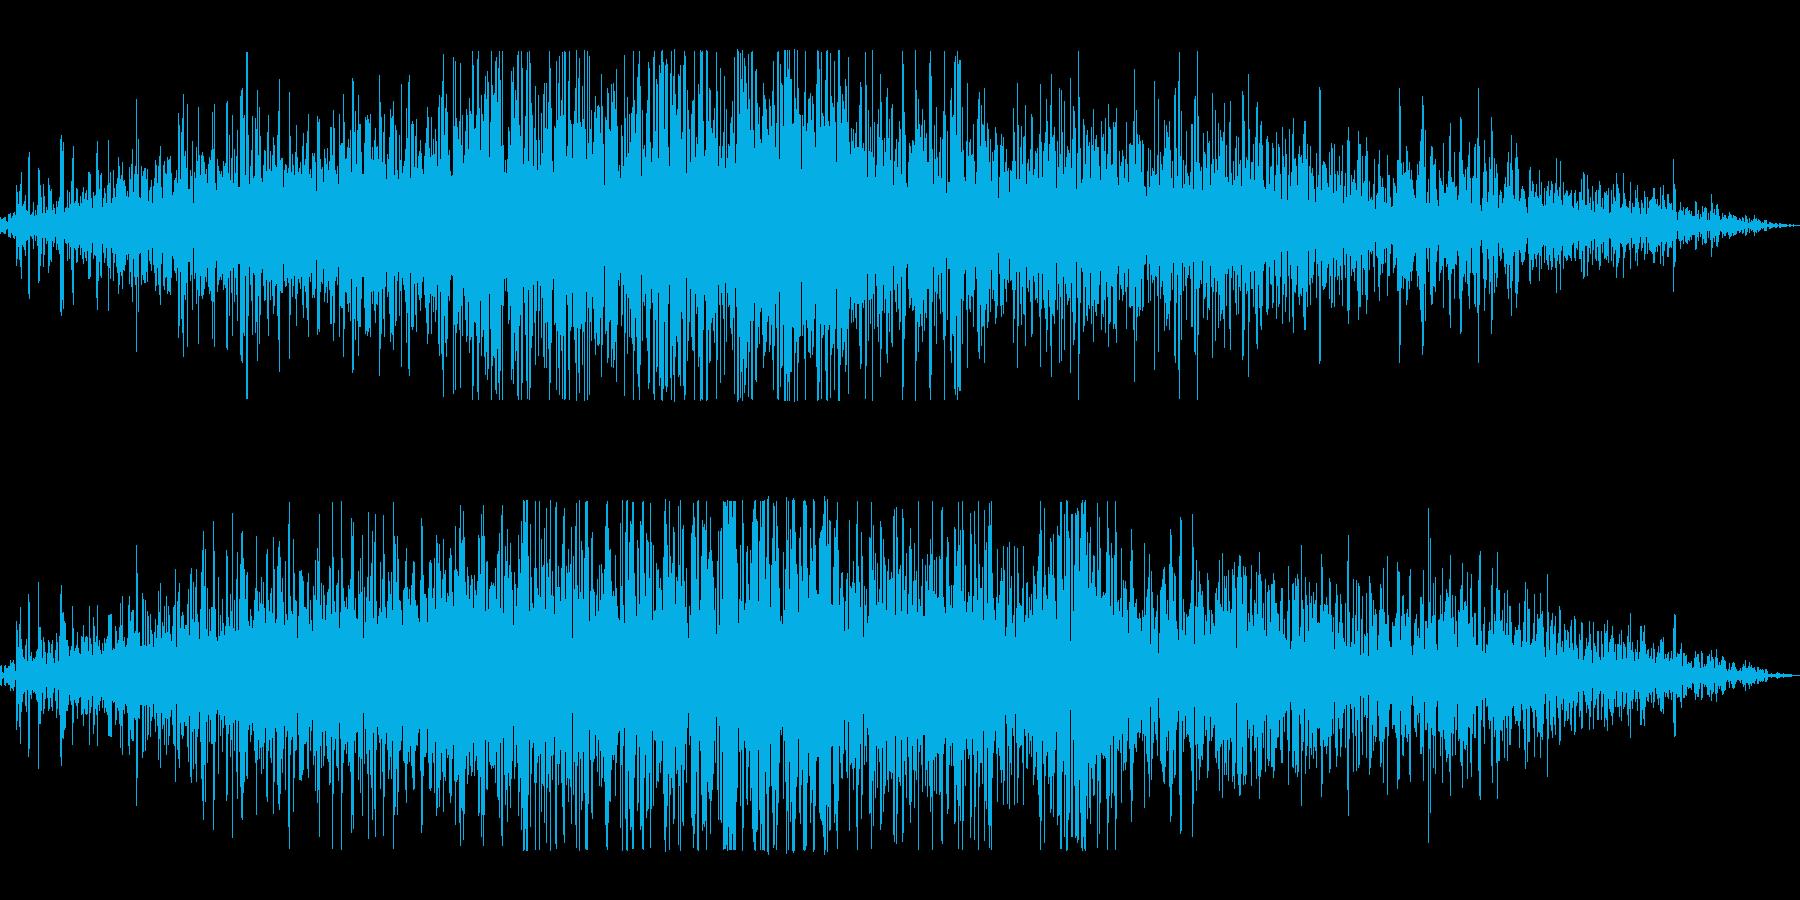 雪崩の再生済みの波形